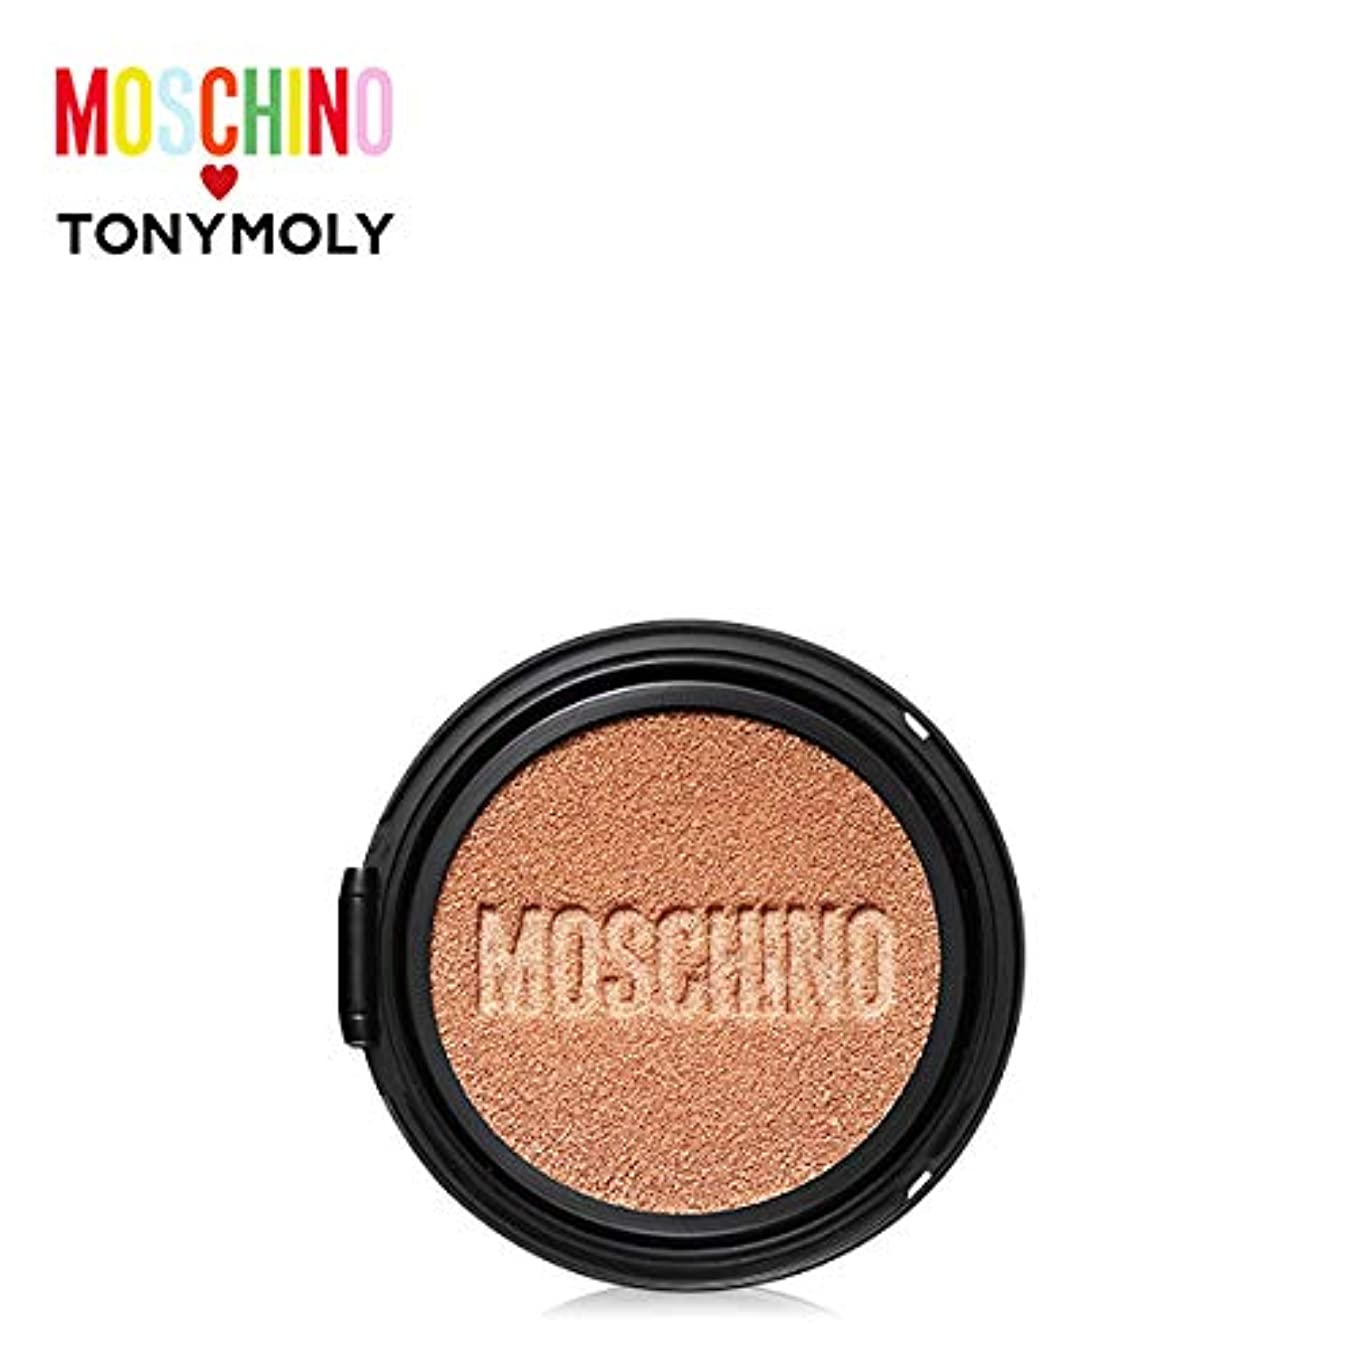 シングル廃止僕のTONYMOLY [MOSCHINO Edition] Gold Edition Chic Skin Cushion -Refill #01 CHIC VANILLA トニーモリー [モスキーノ] ゴールドエディション...